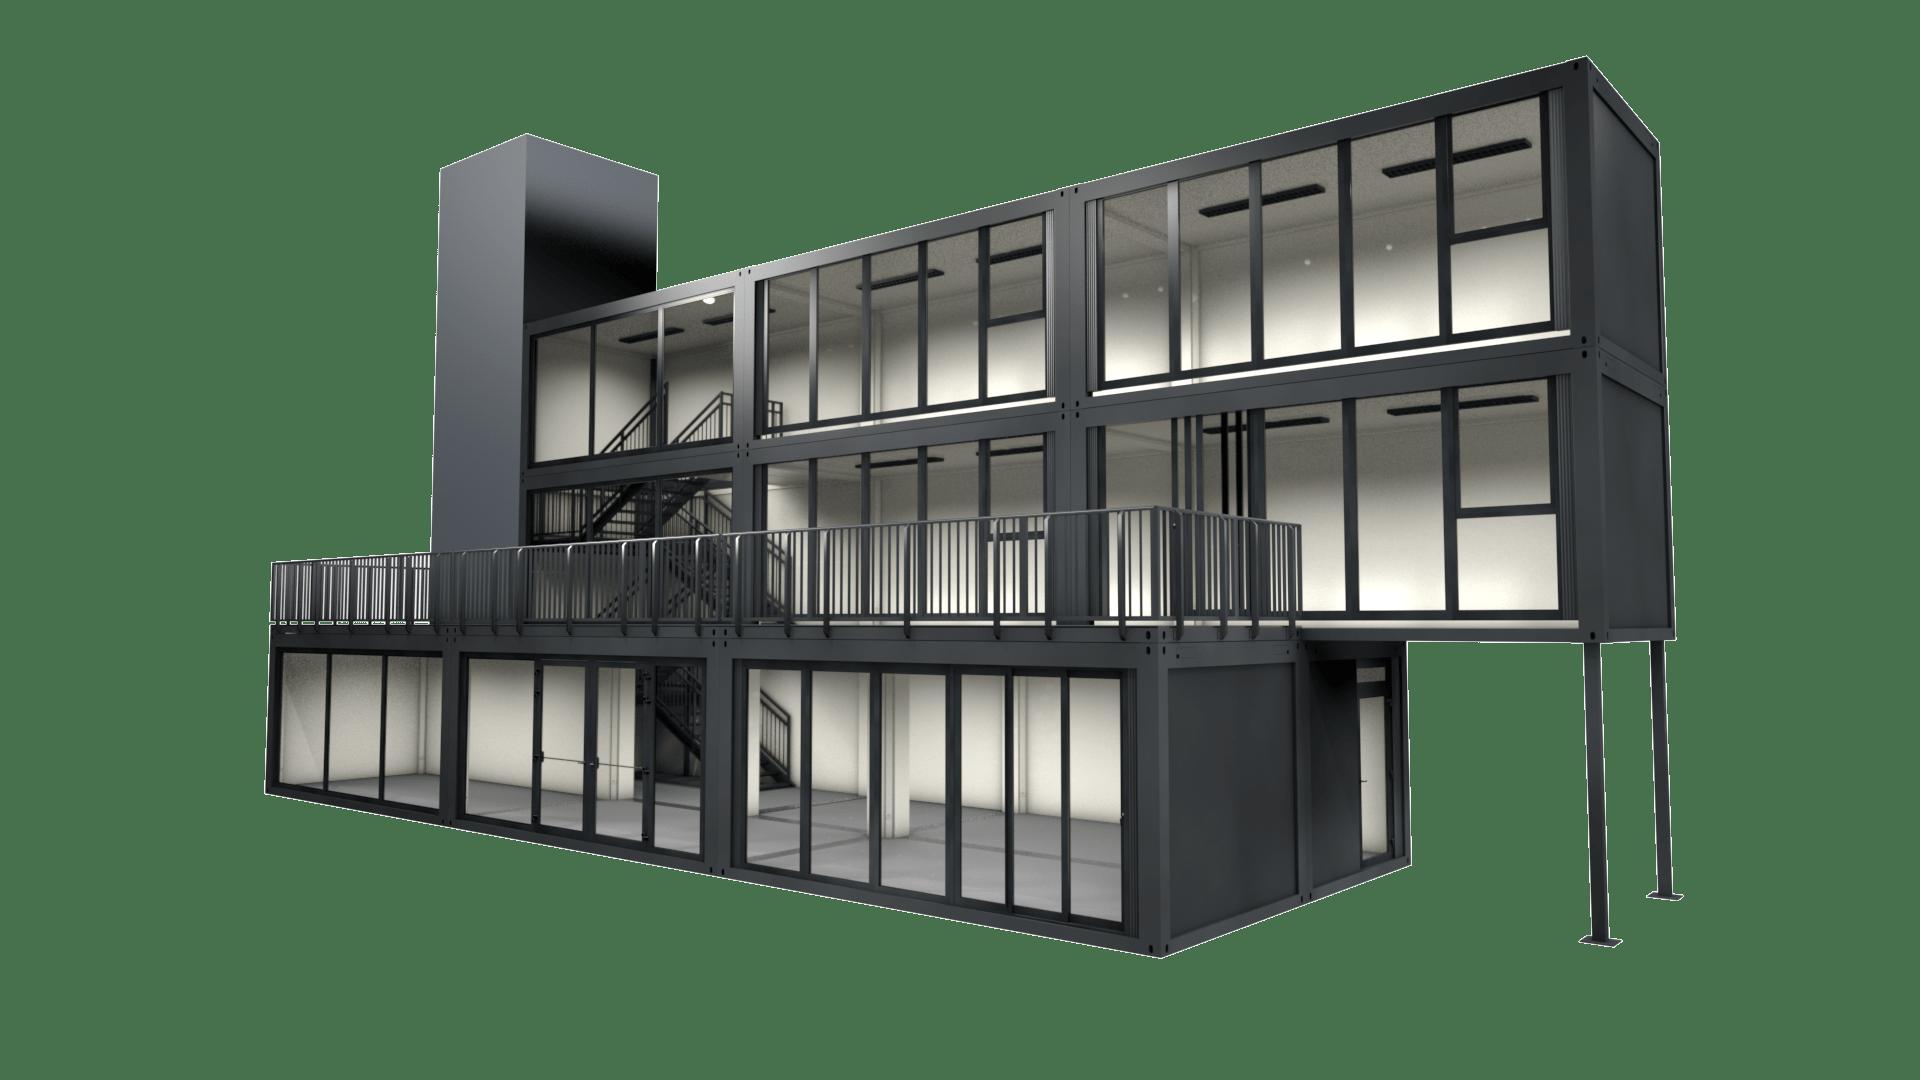 Container Modul M 38 ist ein großes Modulgebäude zum mieten oder kaufen